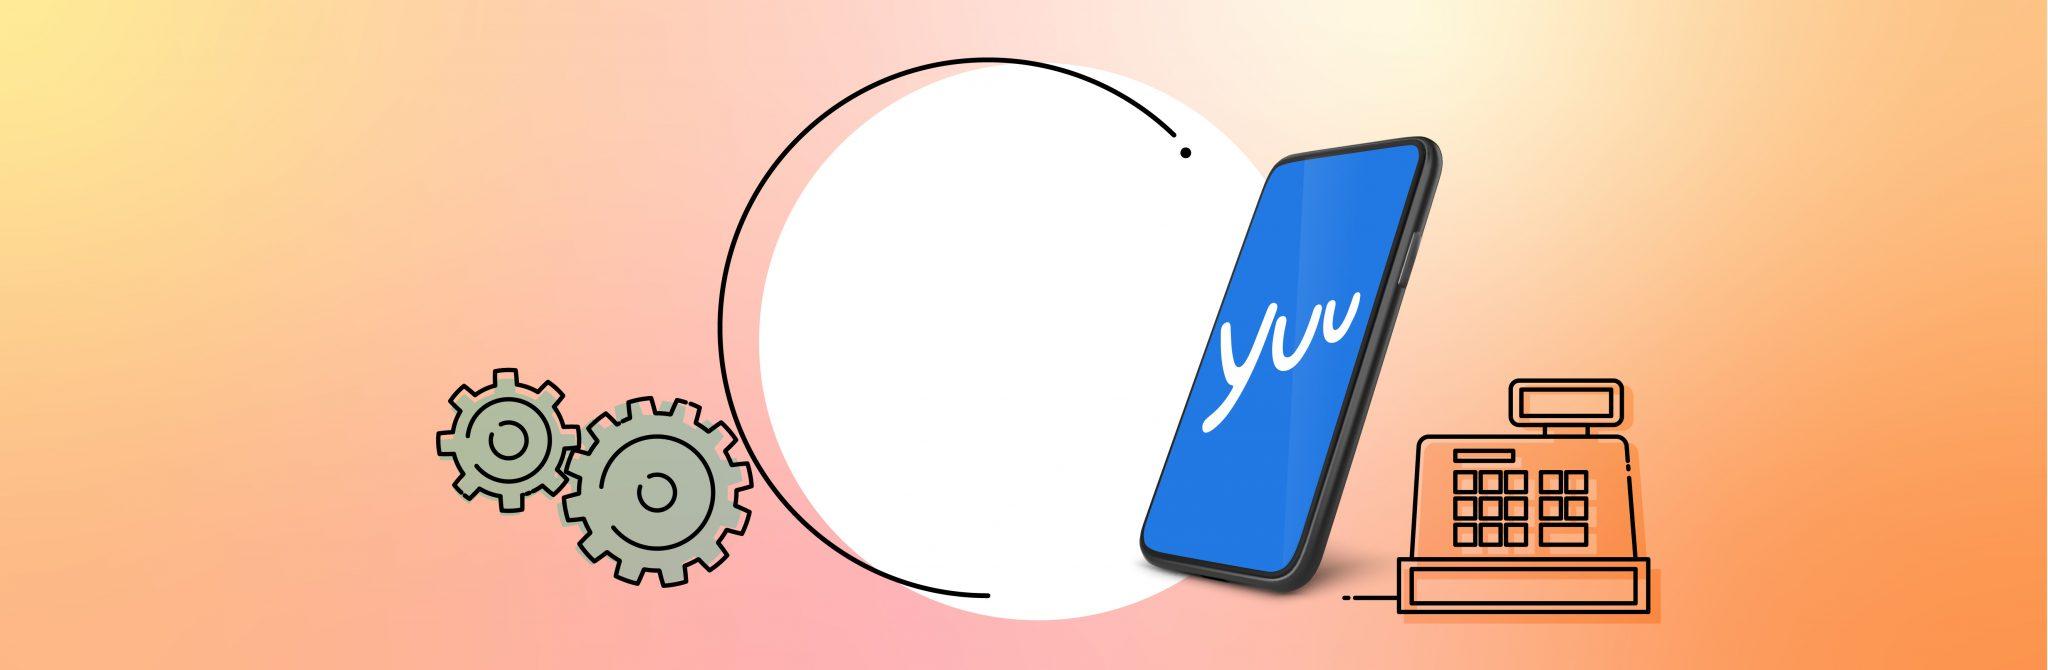 【你有冇Yuu會員?話你知一個會員系統背後有幾多野!】